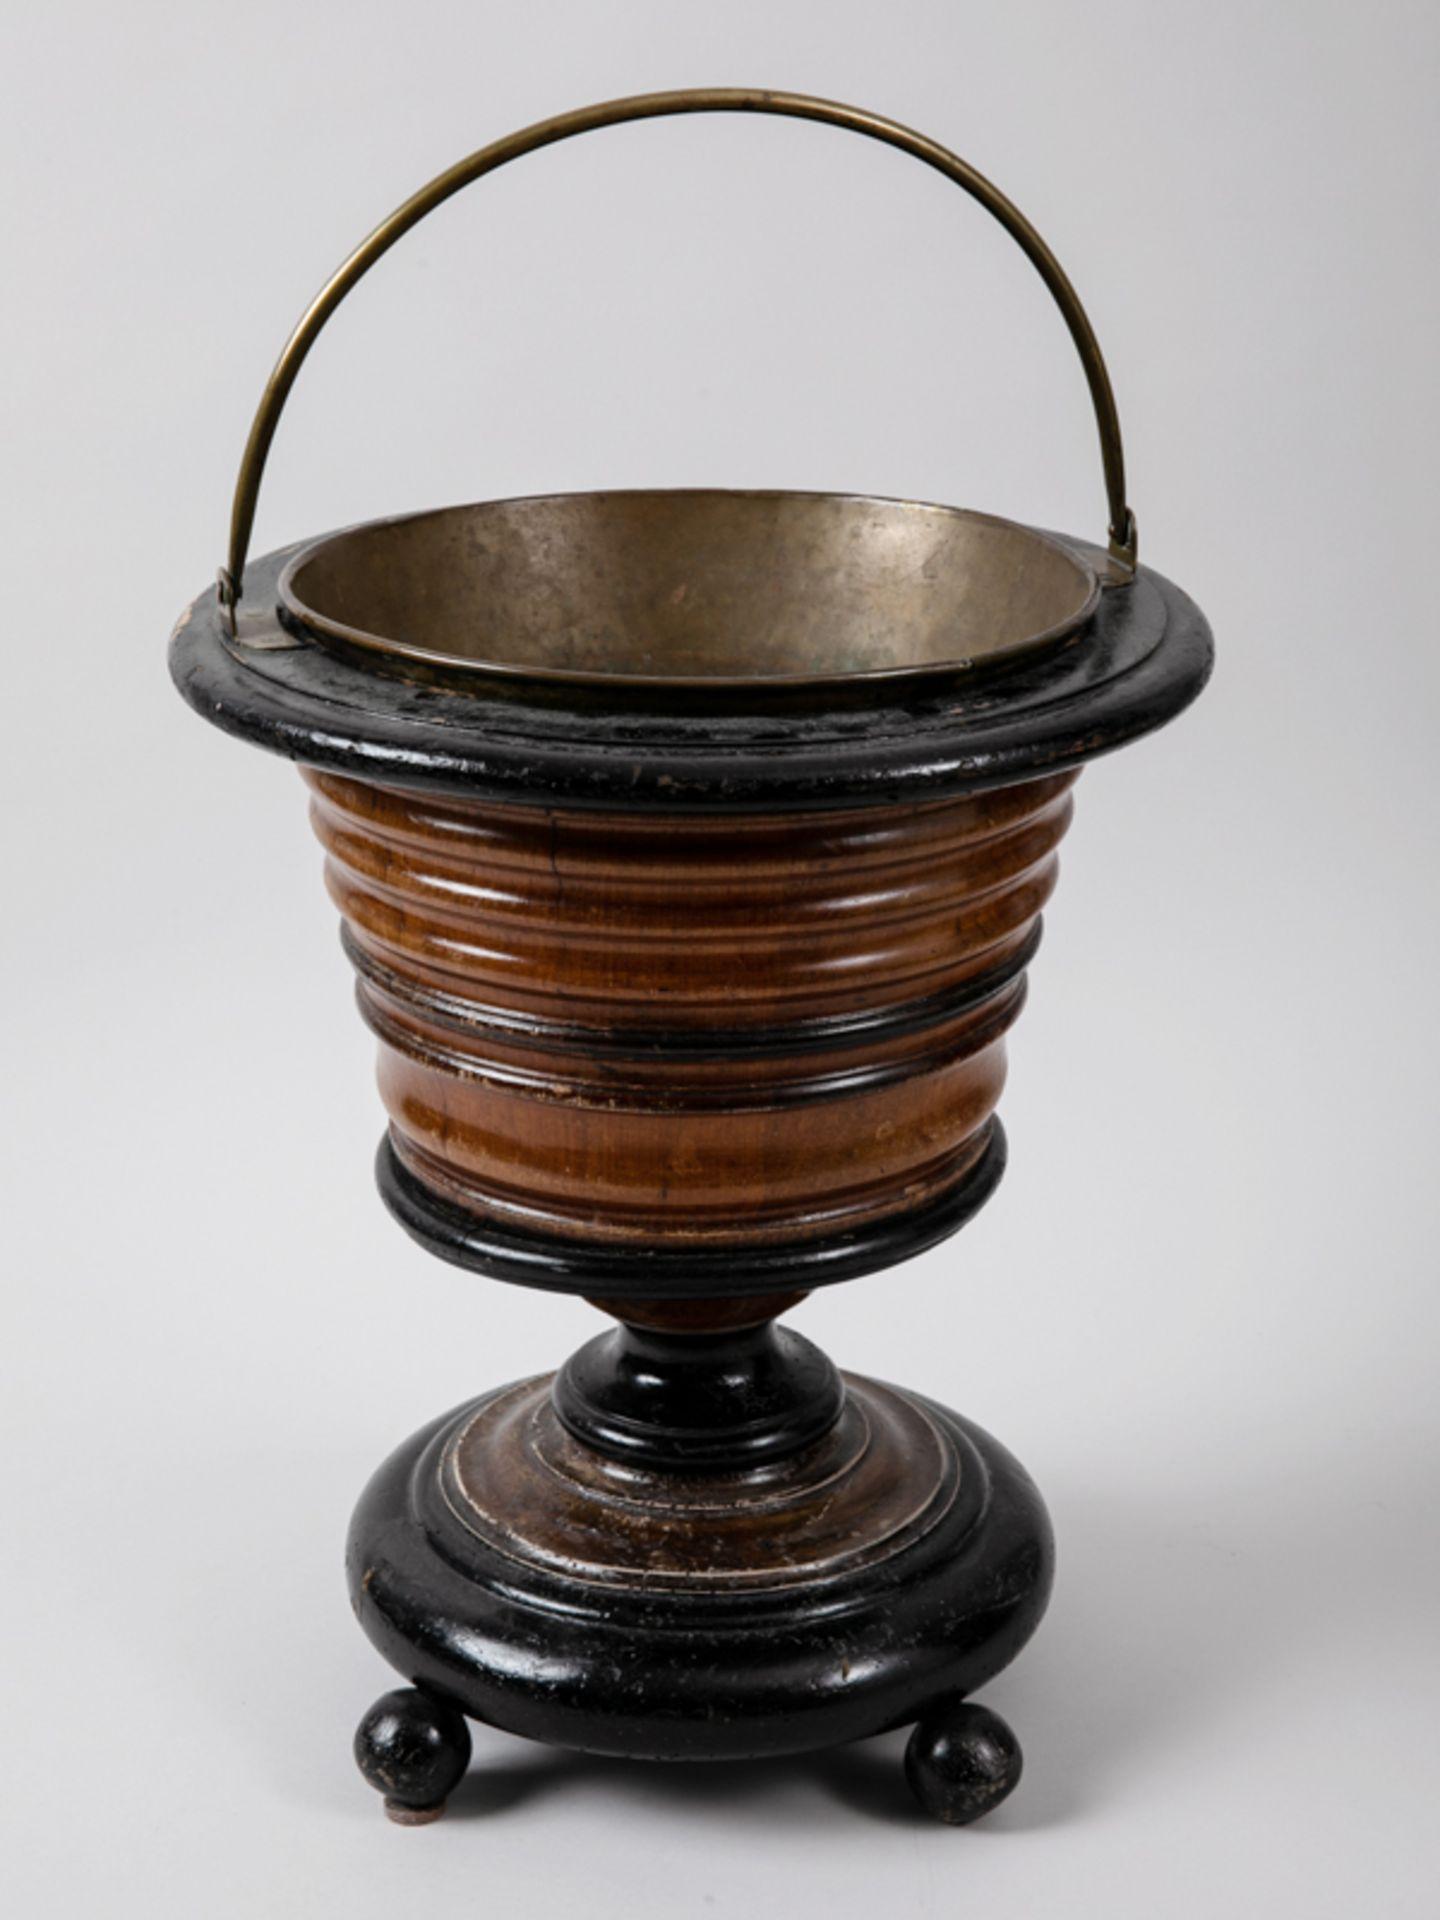 Weinkühler, England, Mitte 19. Jh. Mahagoni und andere Hölzer, teils (später) ebonisiert, mi